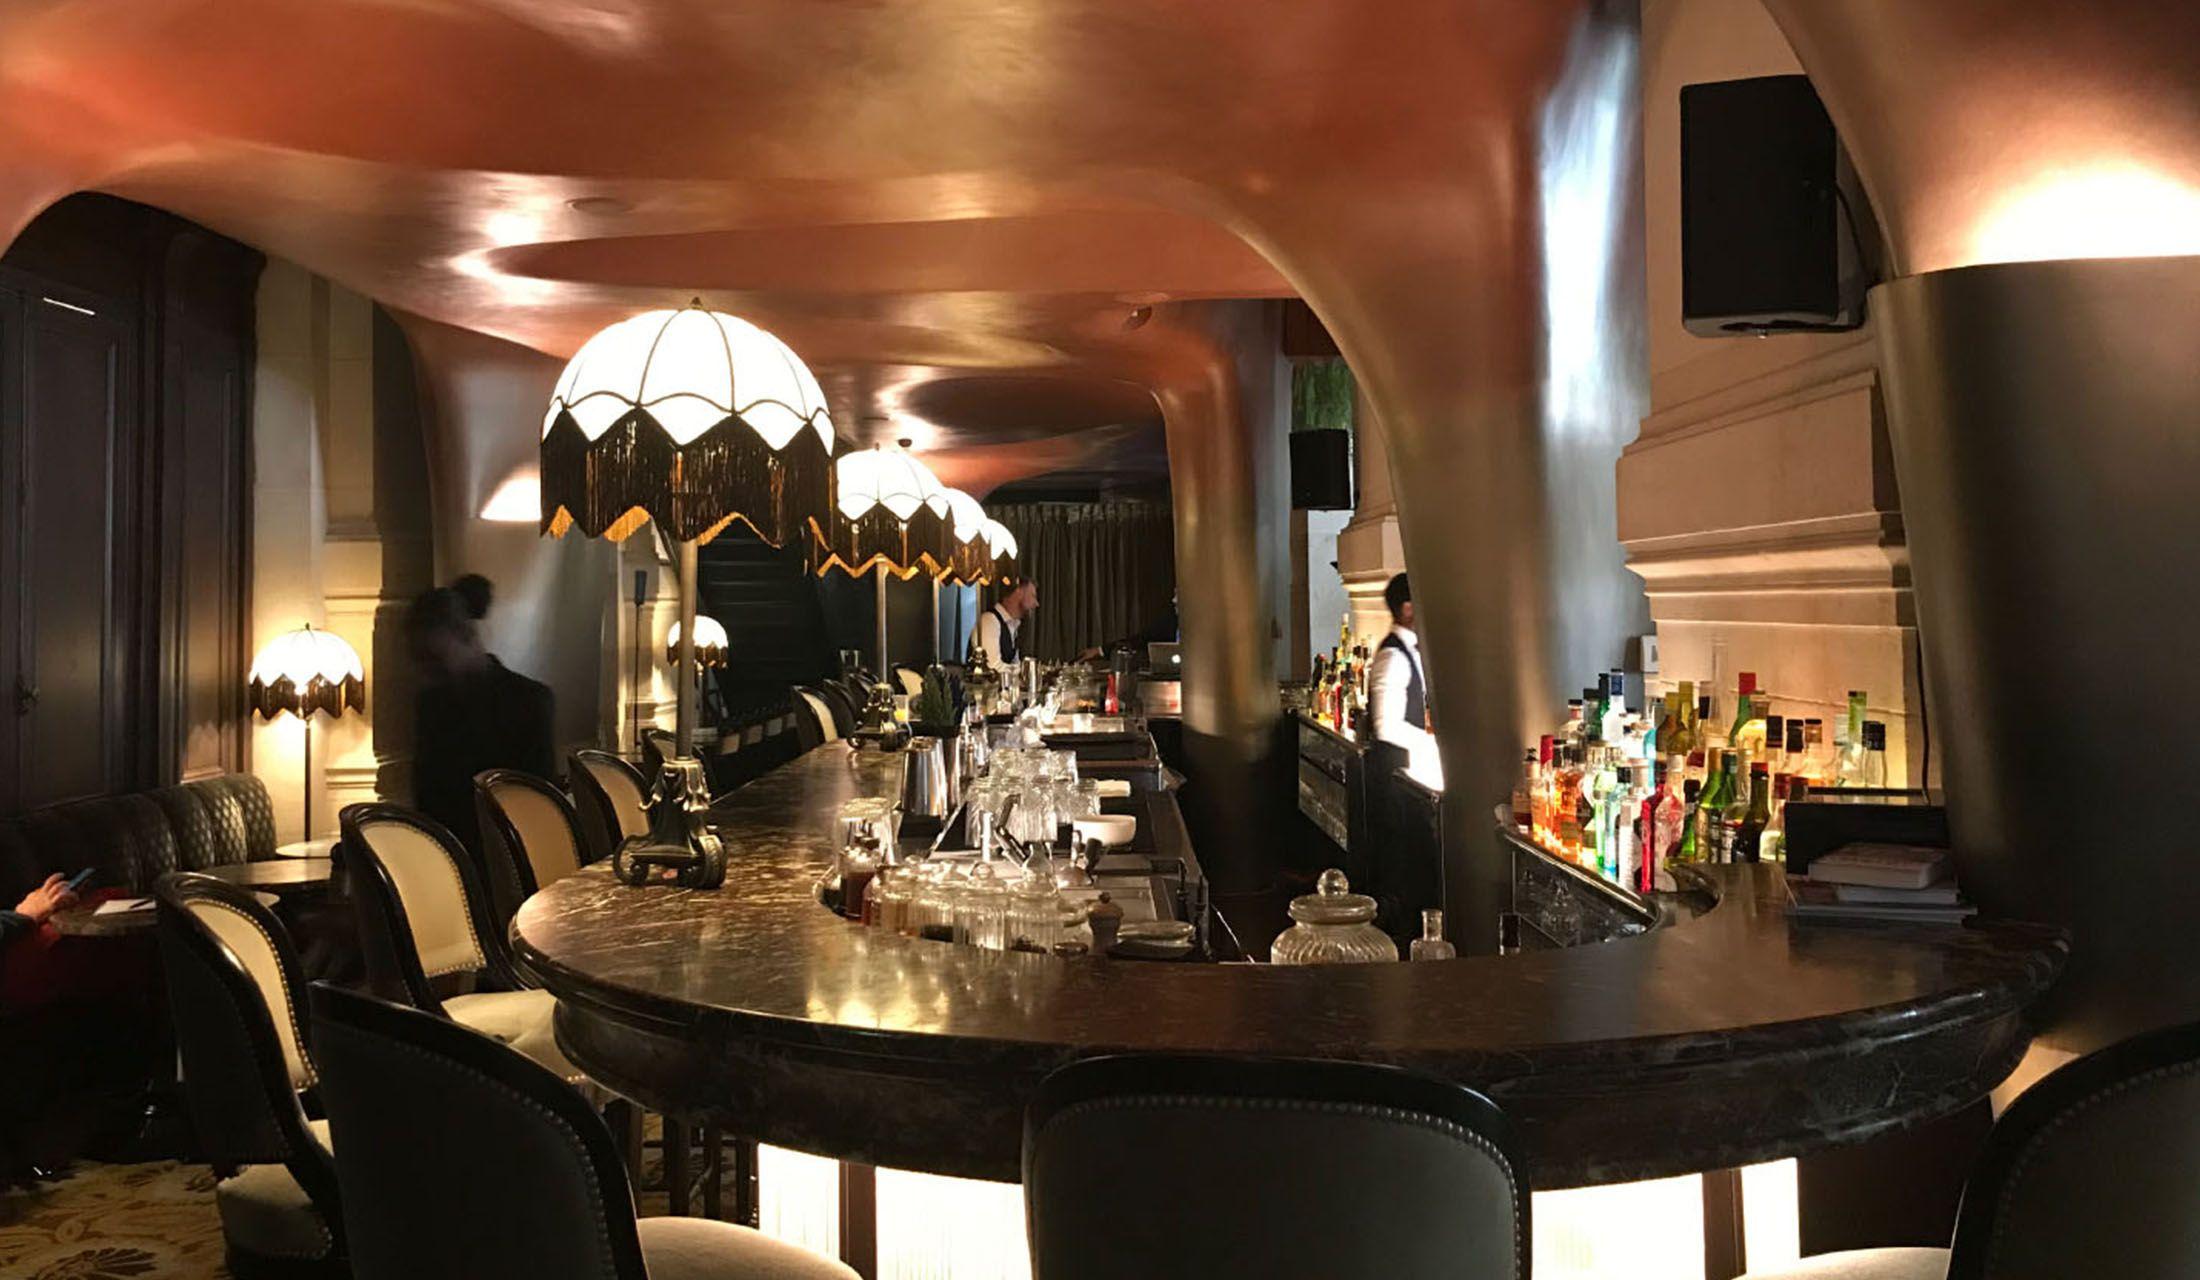 カフェ・レストラン「ココ」のバー・コーナー